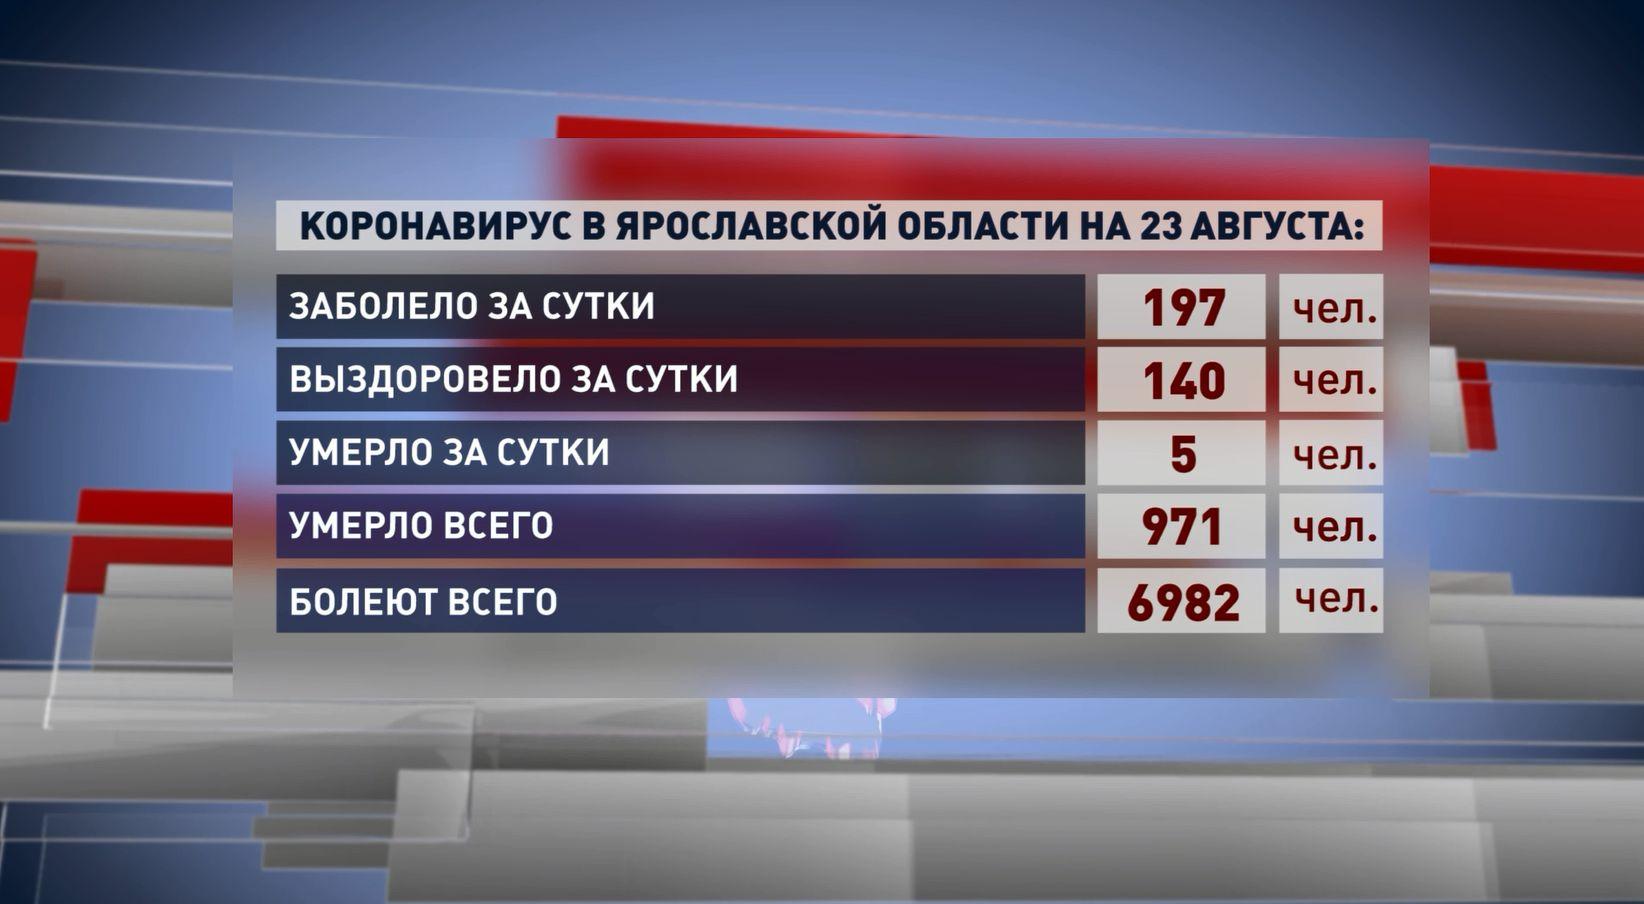 За минувшие сутки от инфекции умерли 5 жителей Ярославской области